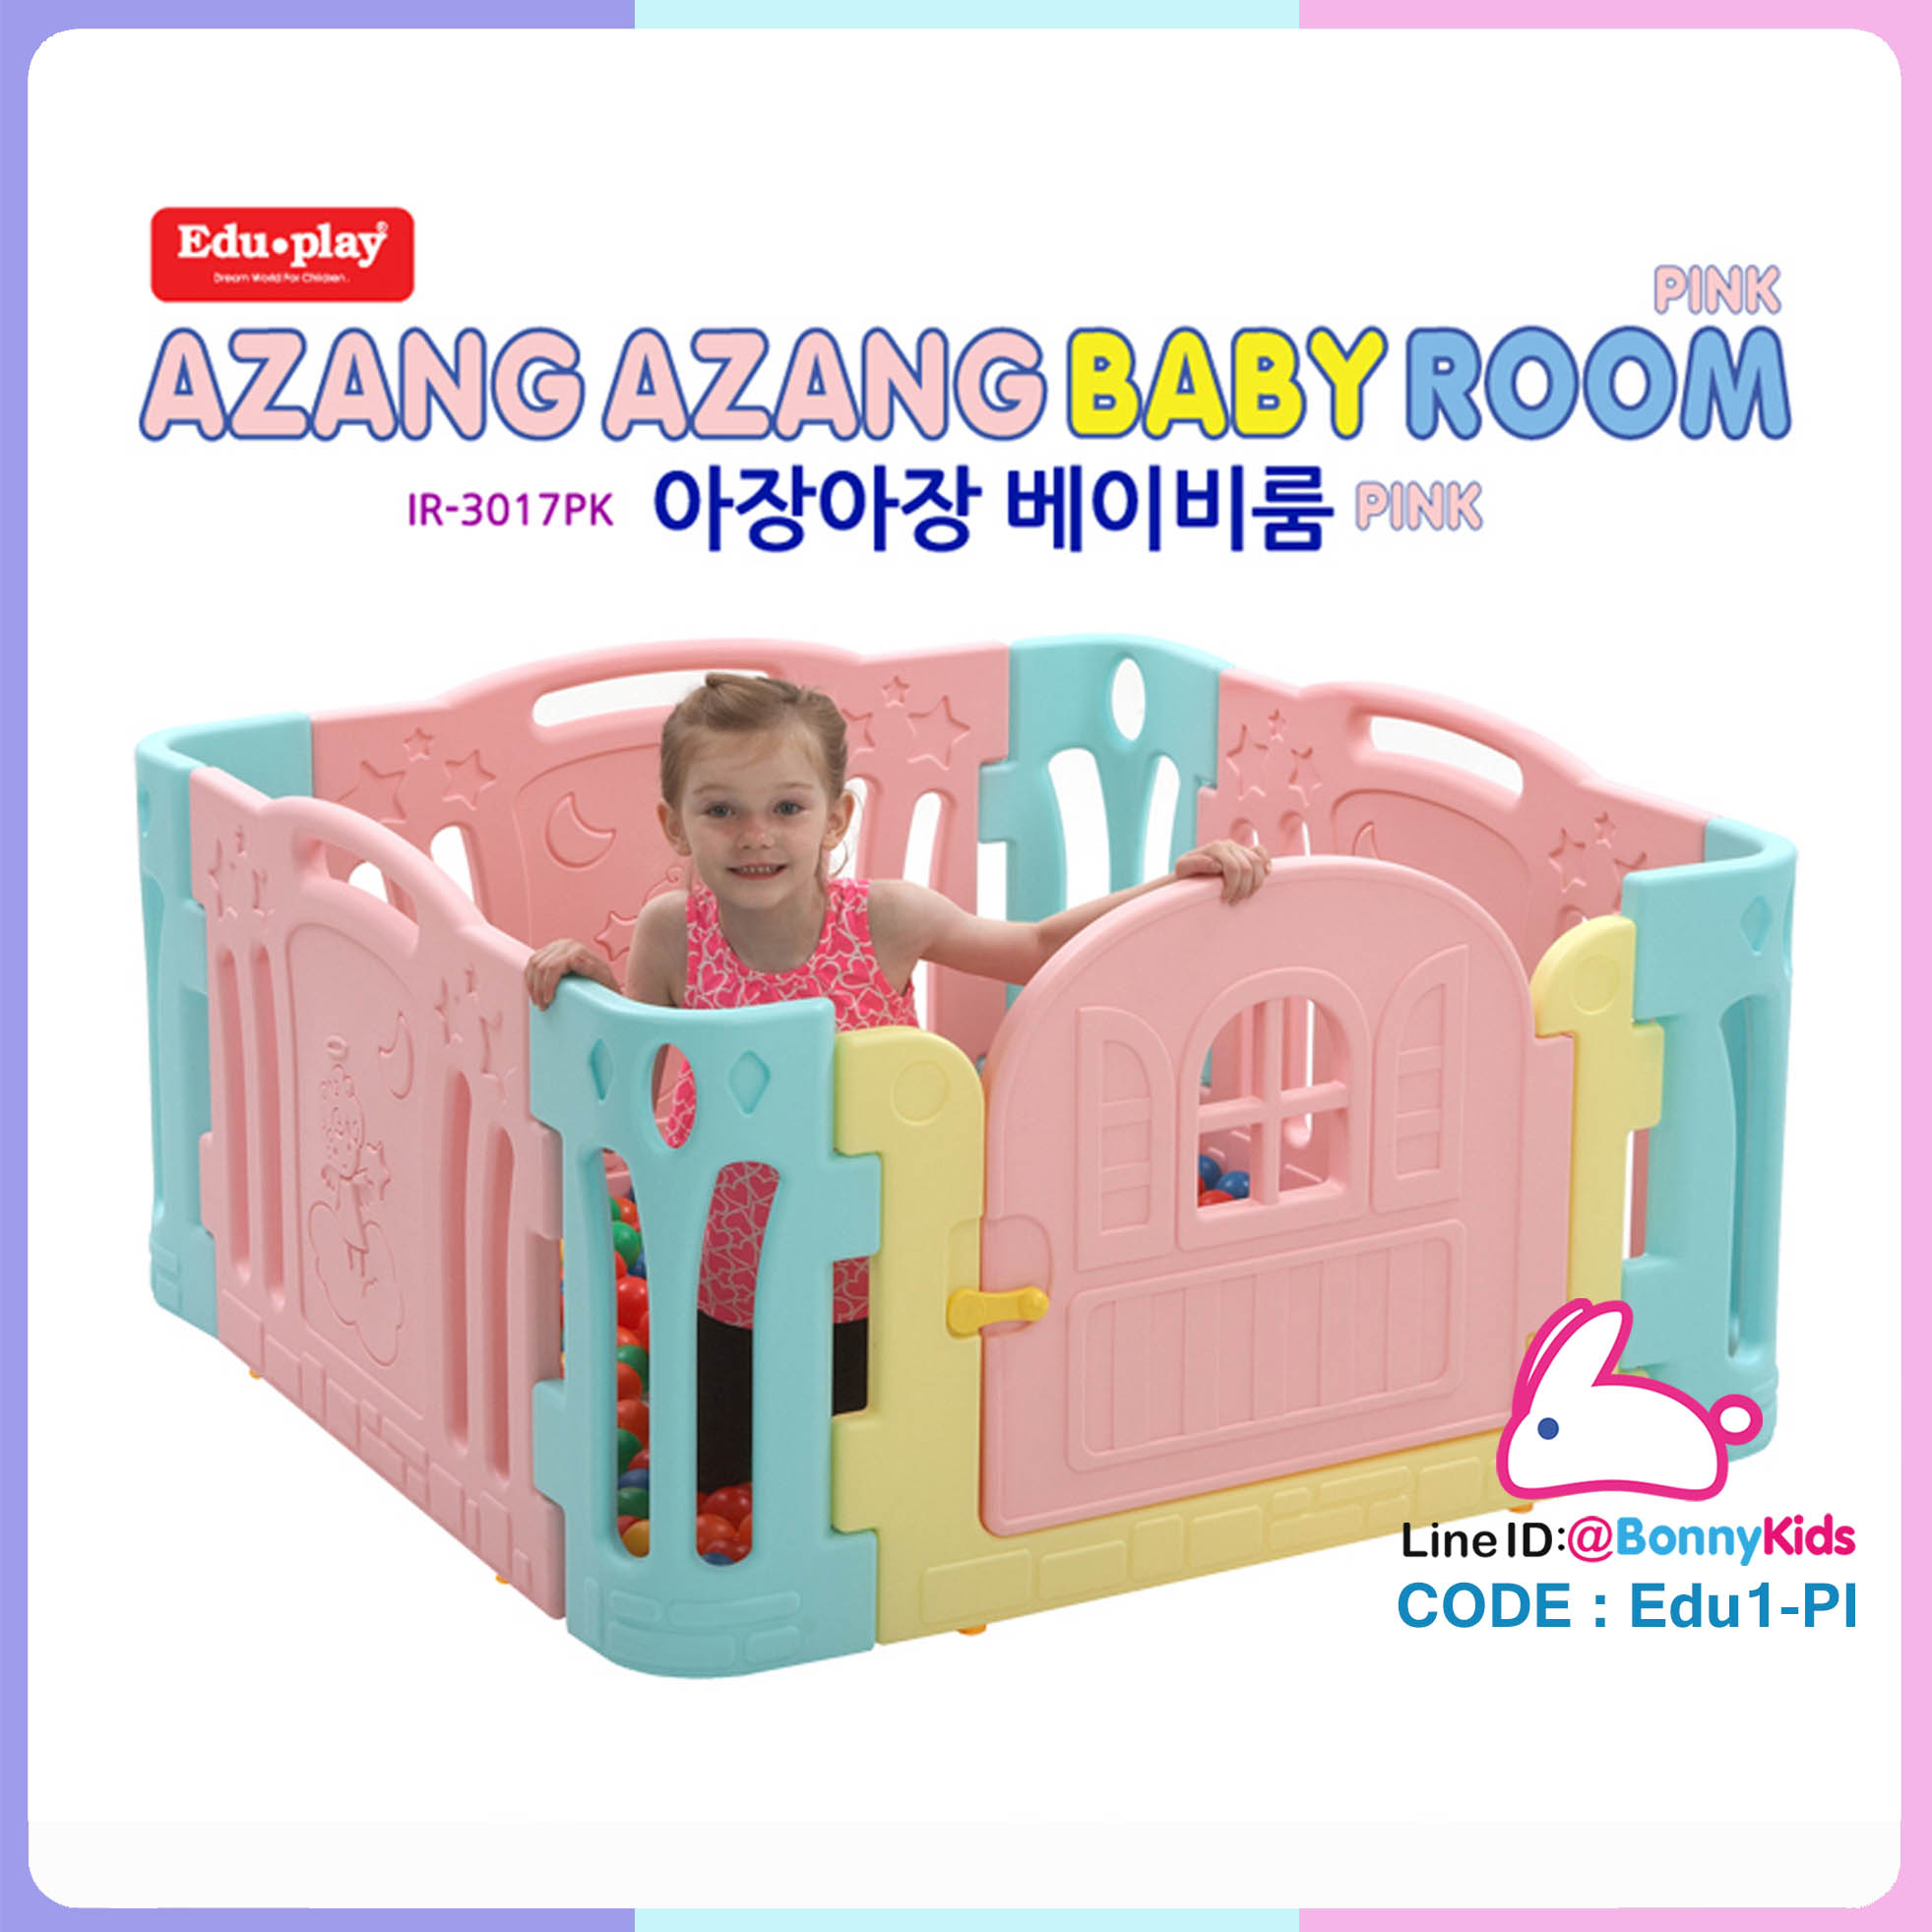 คอกกั้นเด็ก Edu Play รุ่น Azang Azang สีชมพู